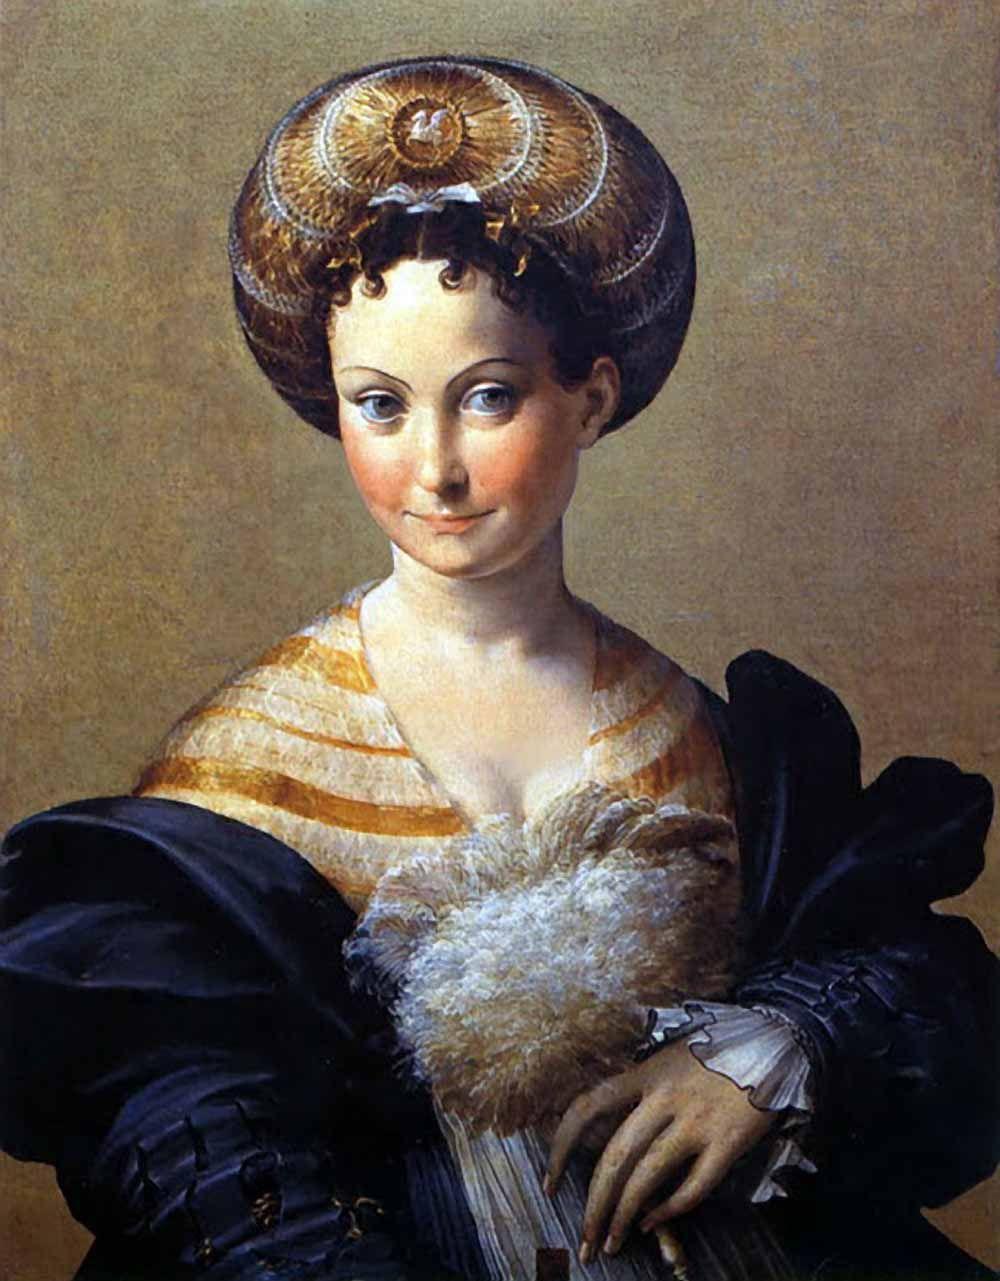 Pin on 16th century womenswear